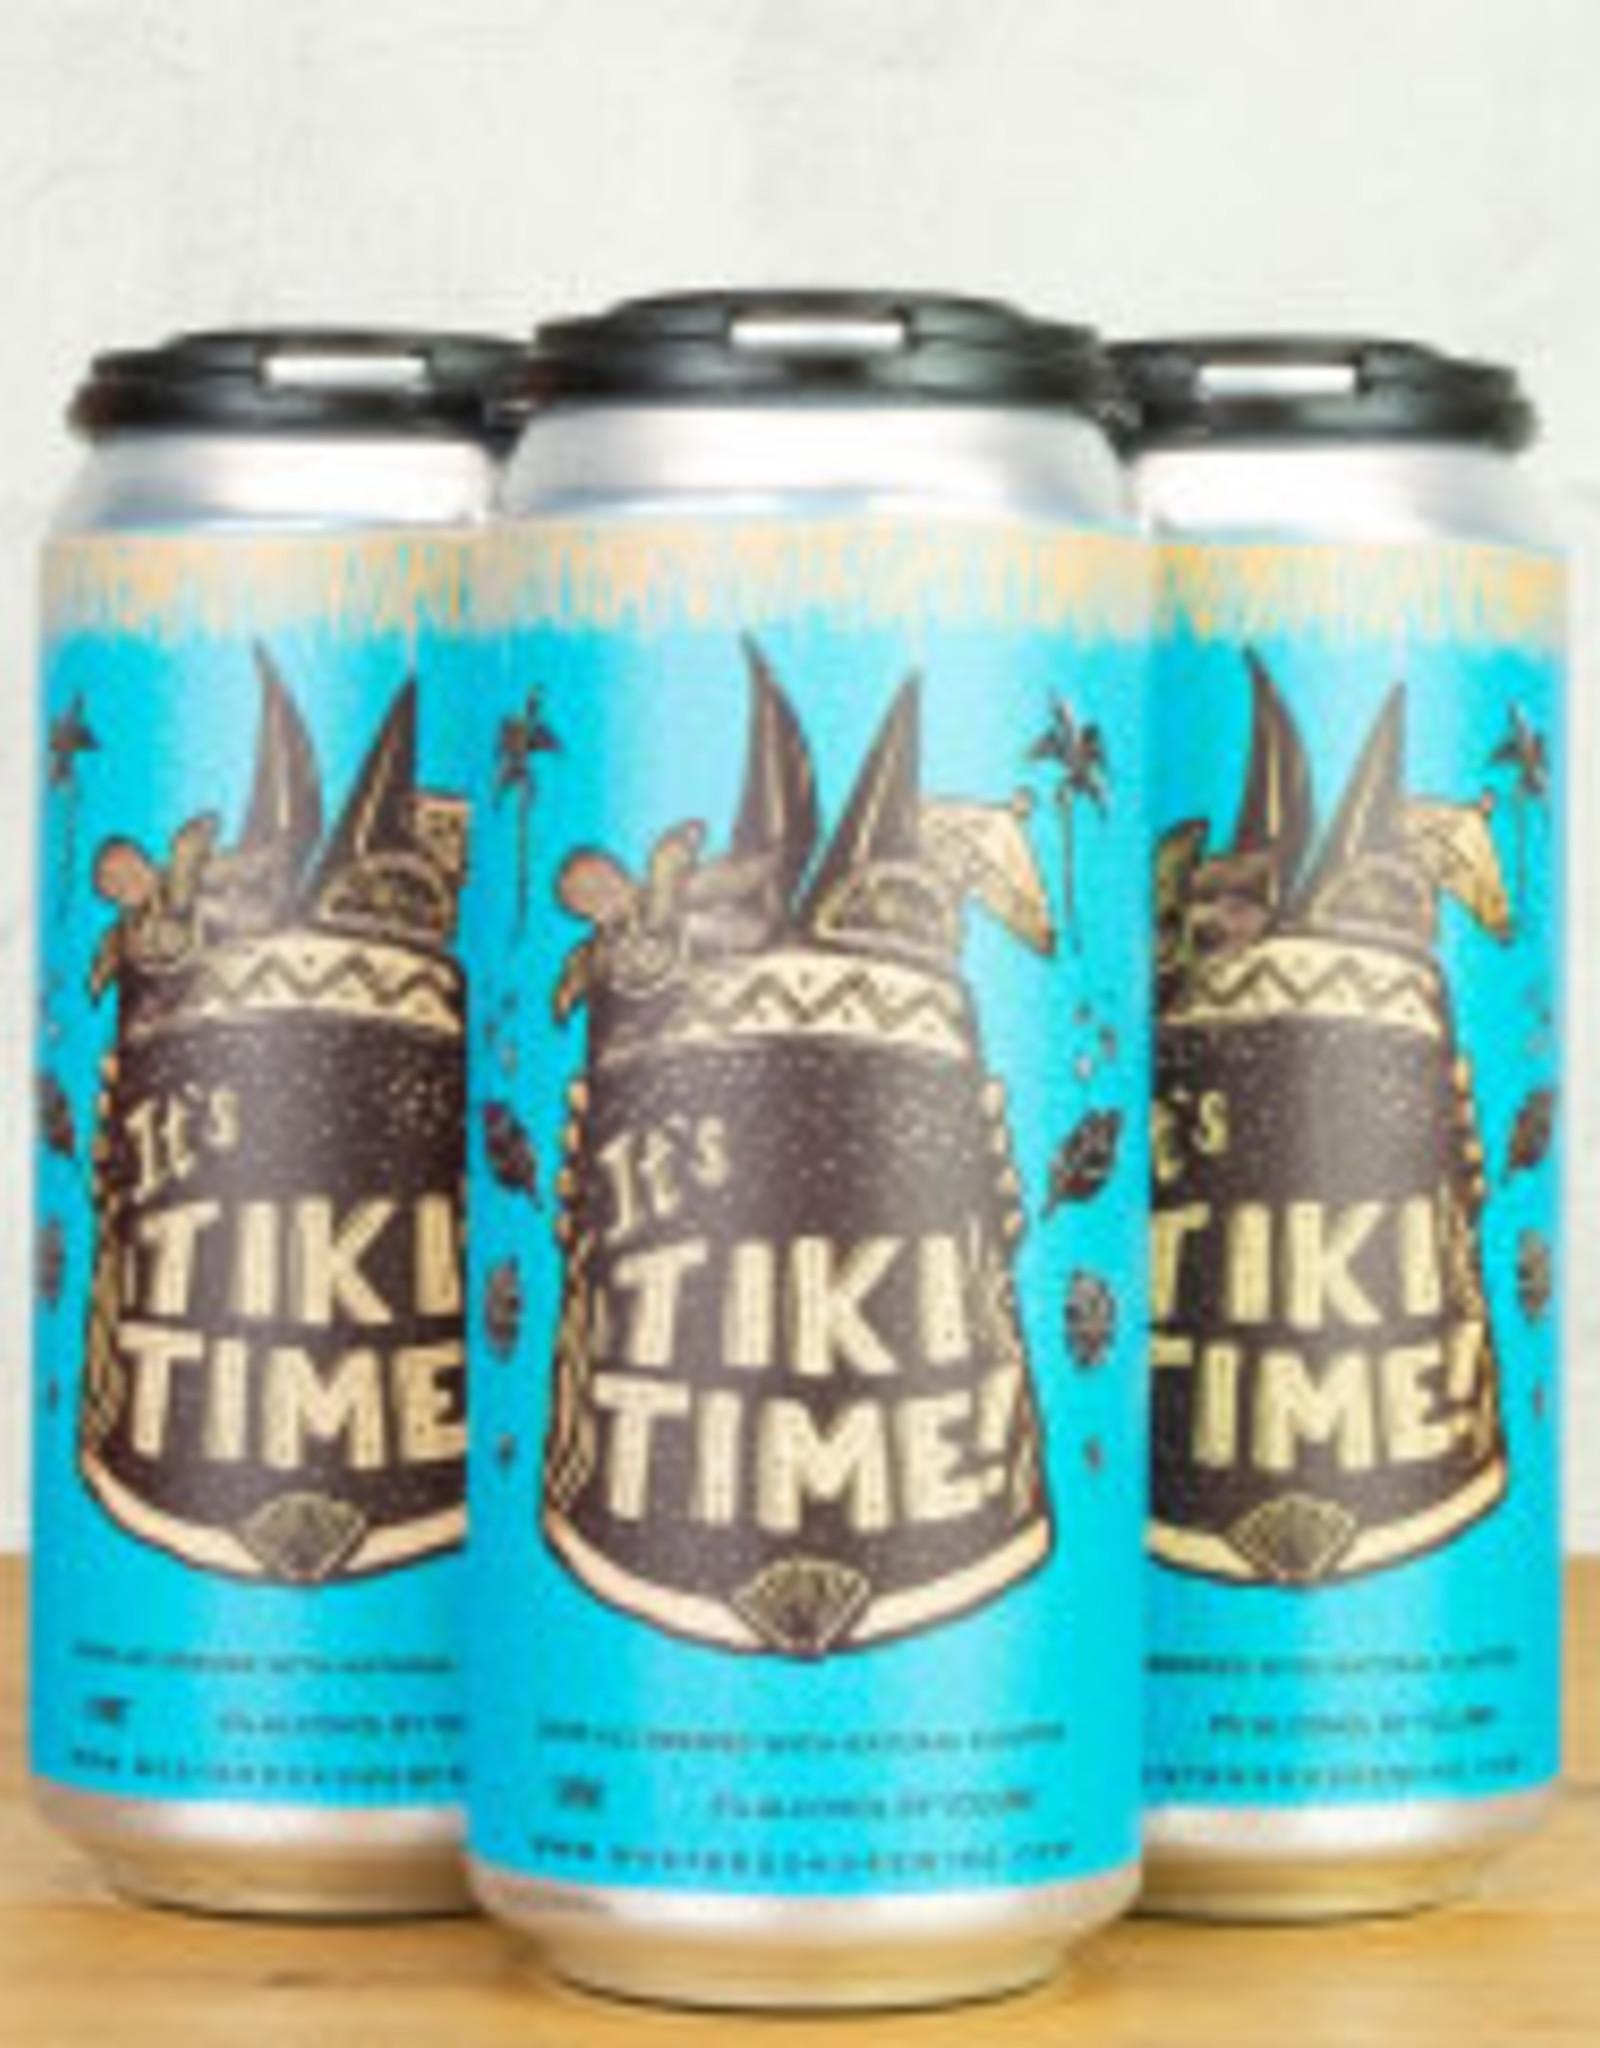 Westbrook Tiki Time 4pk